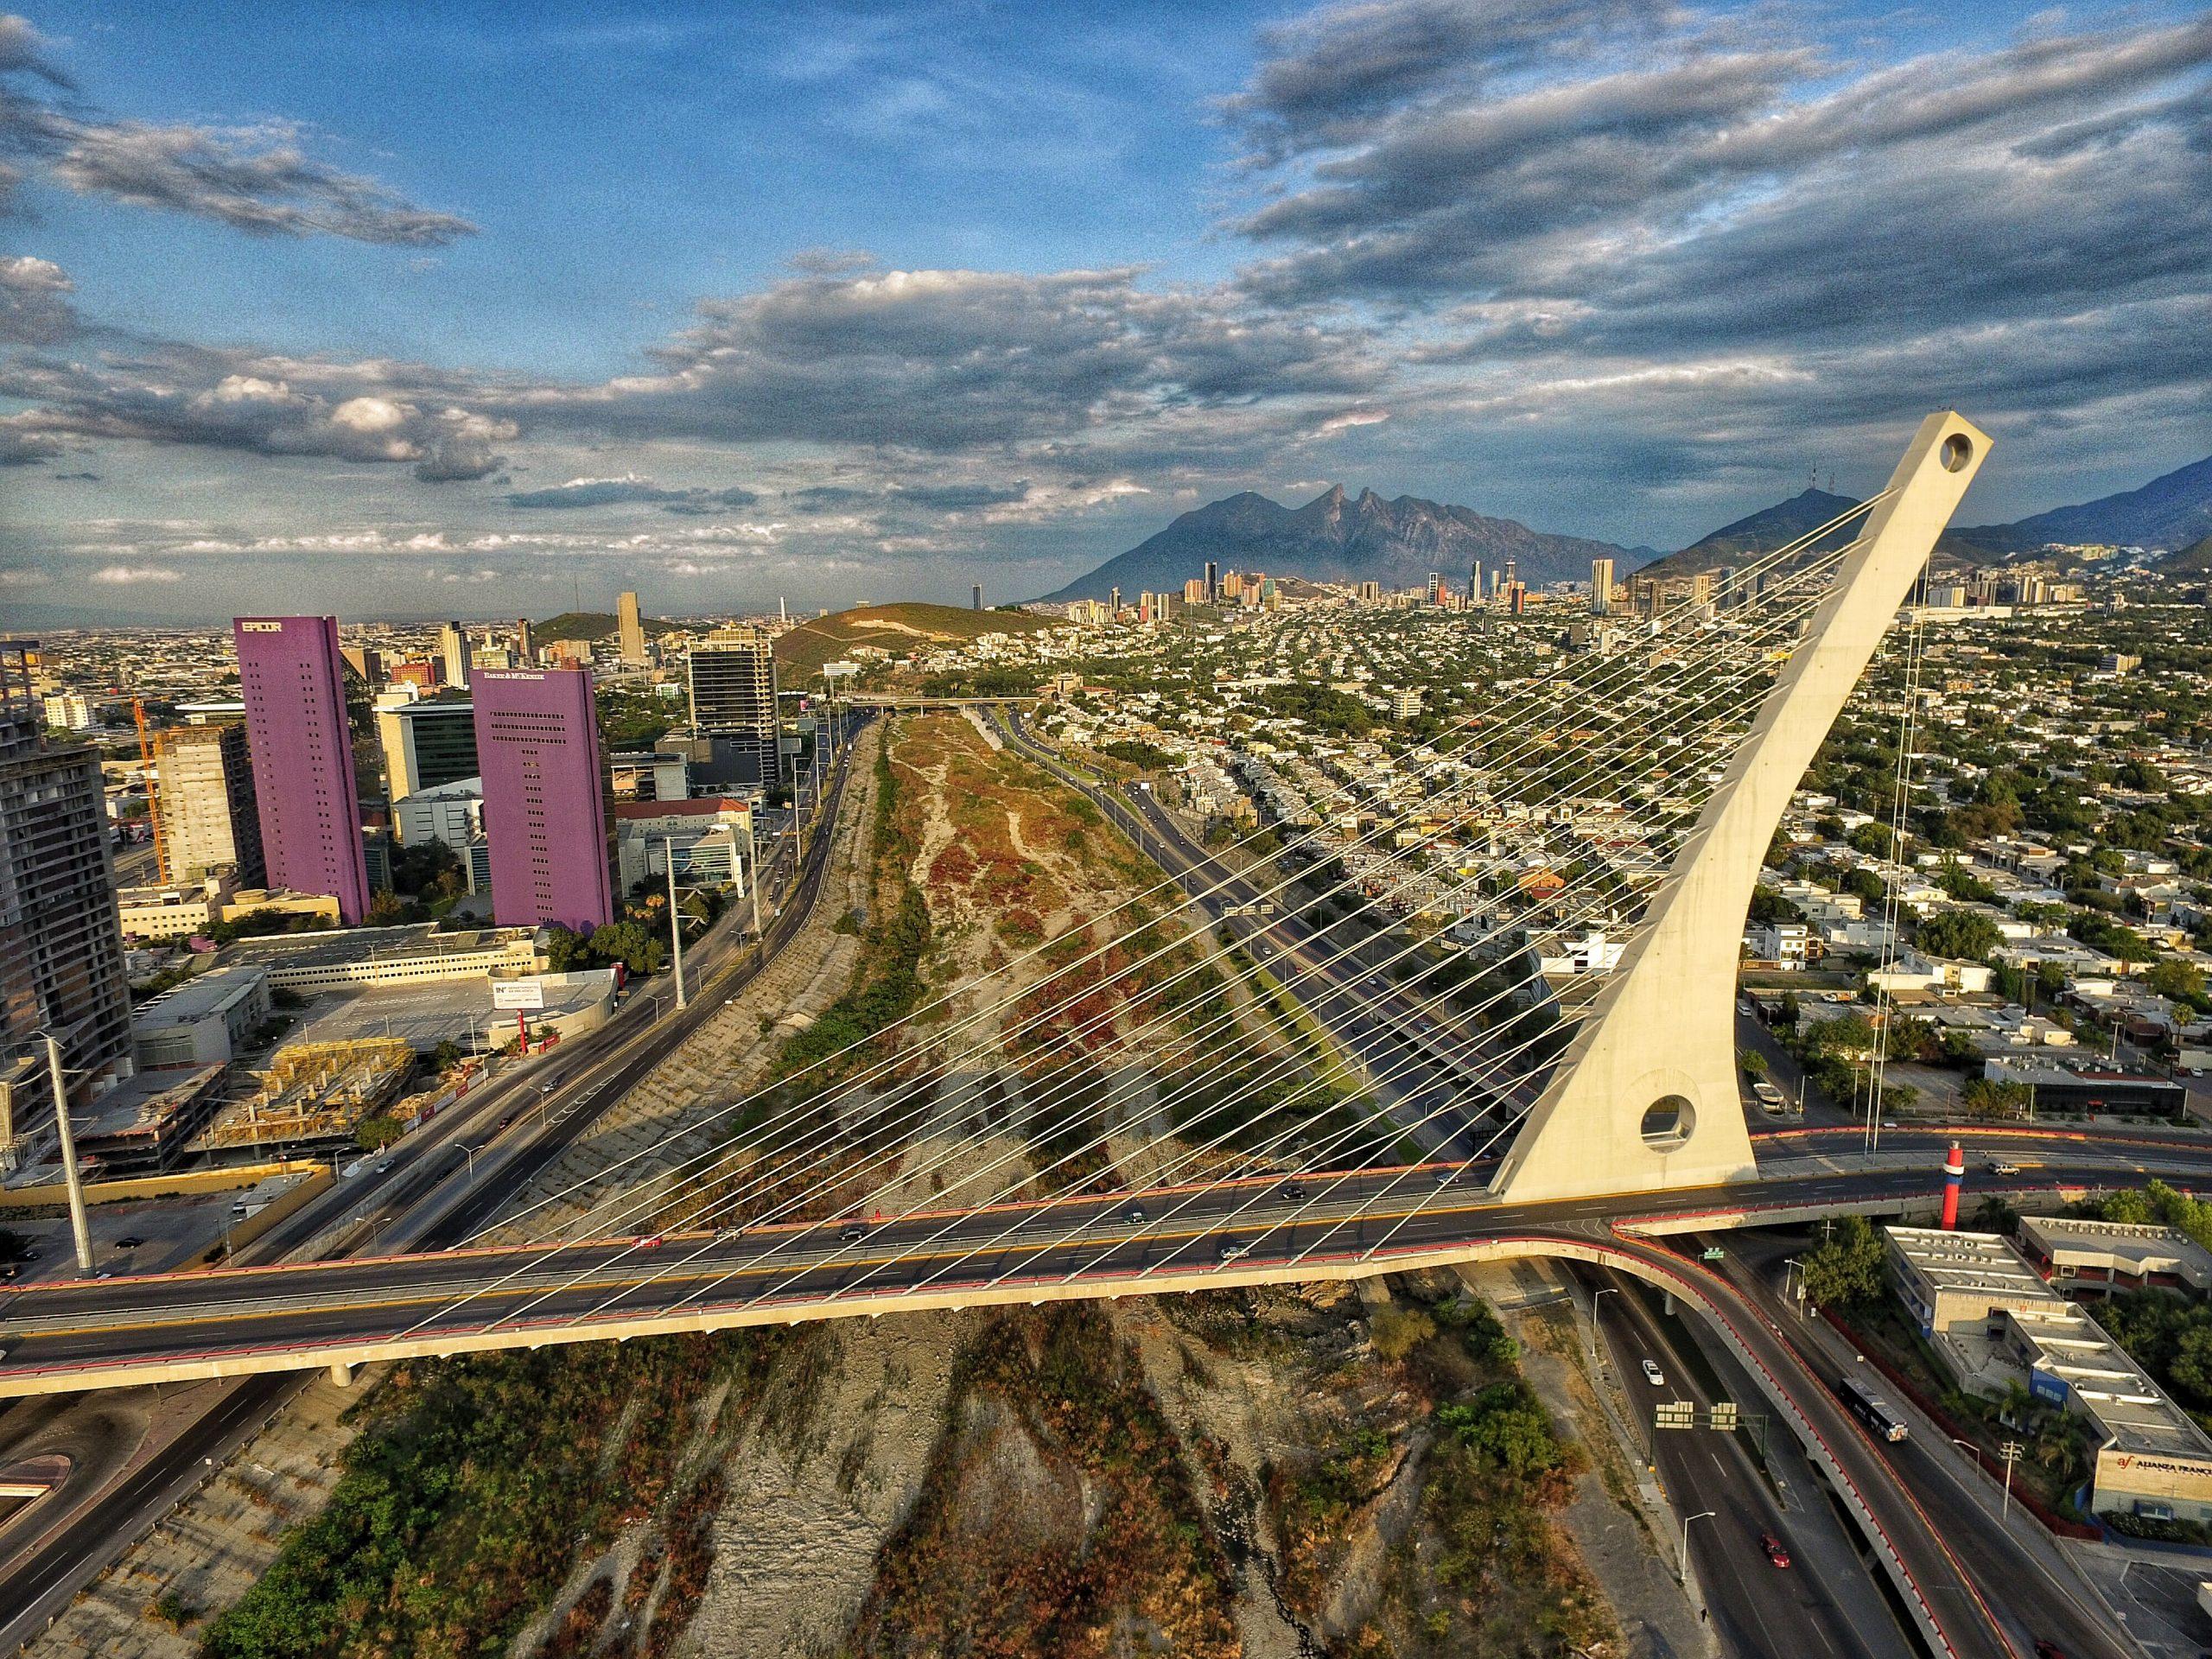 Piden reforzar tensores del Puente Atirantado